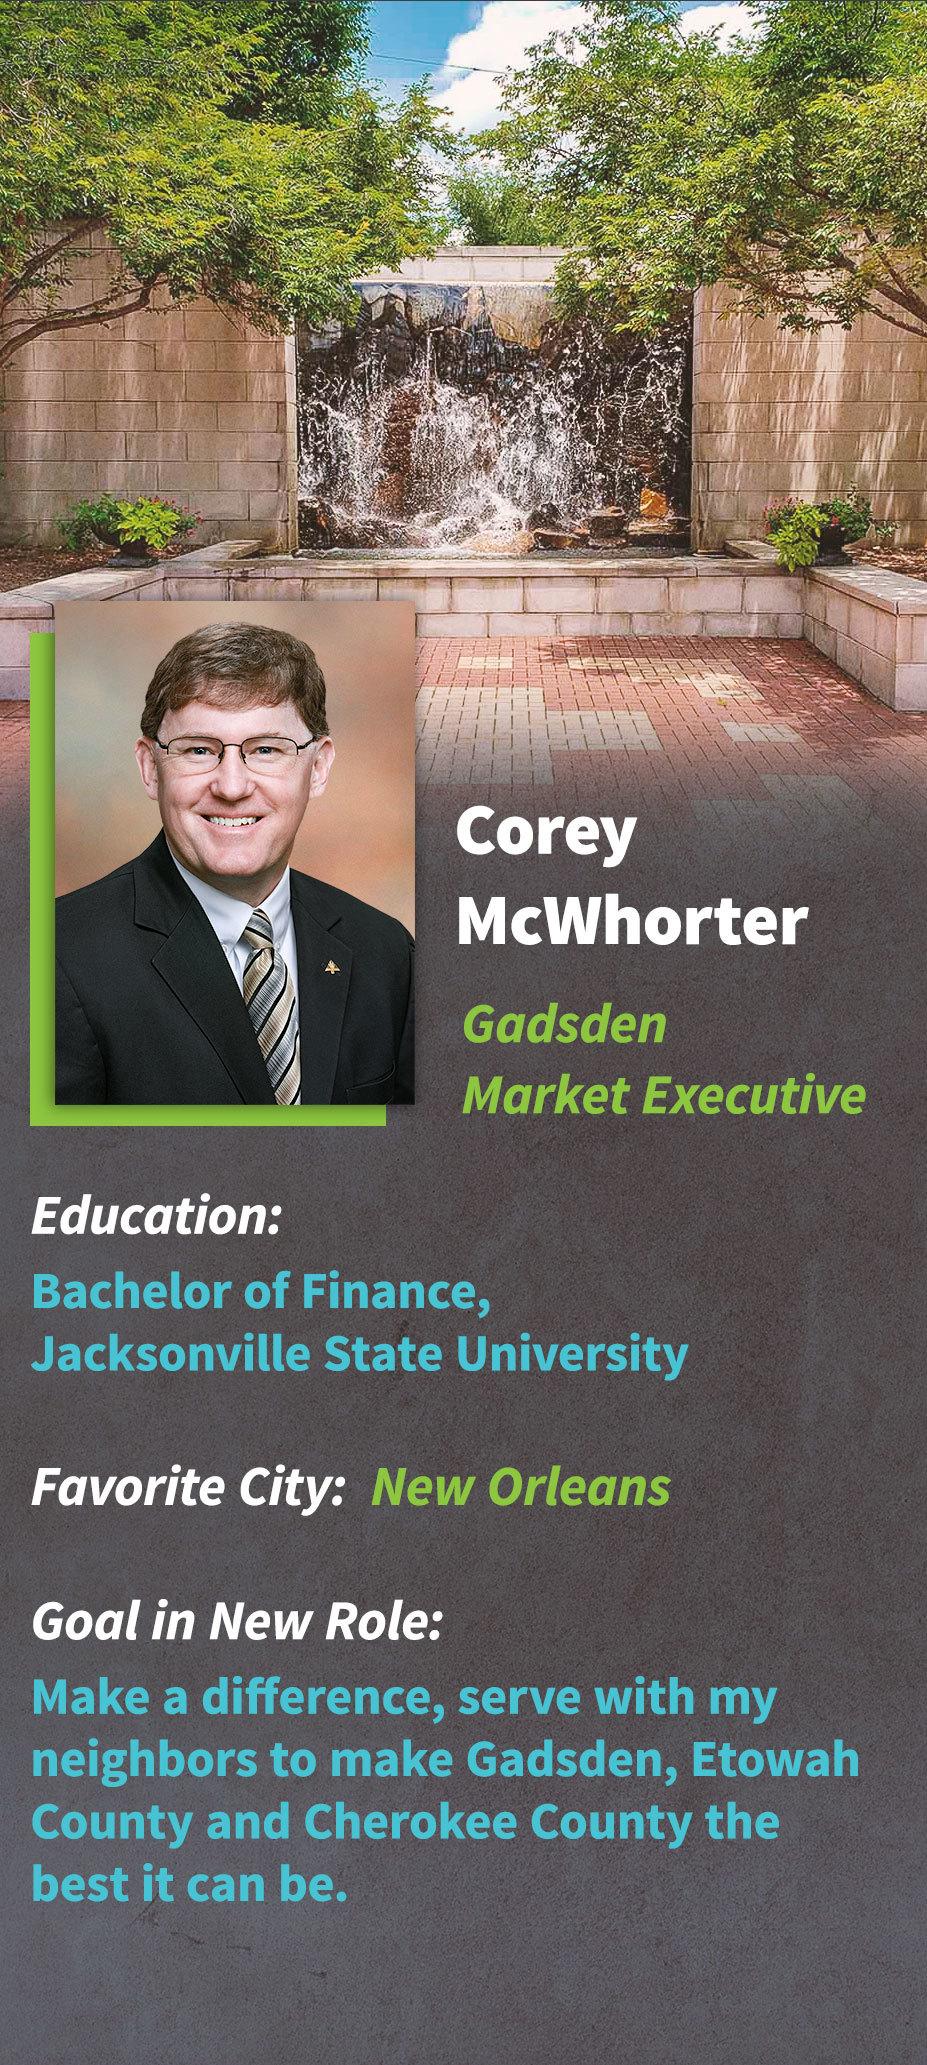 Corey McWhorter